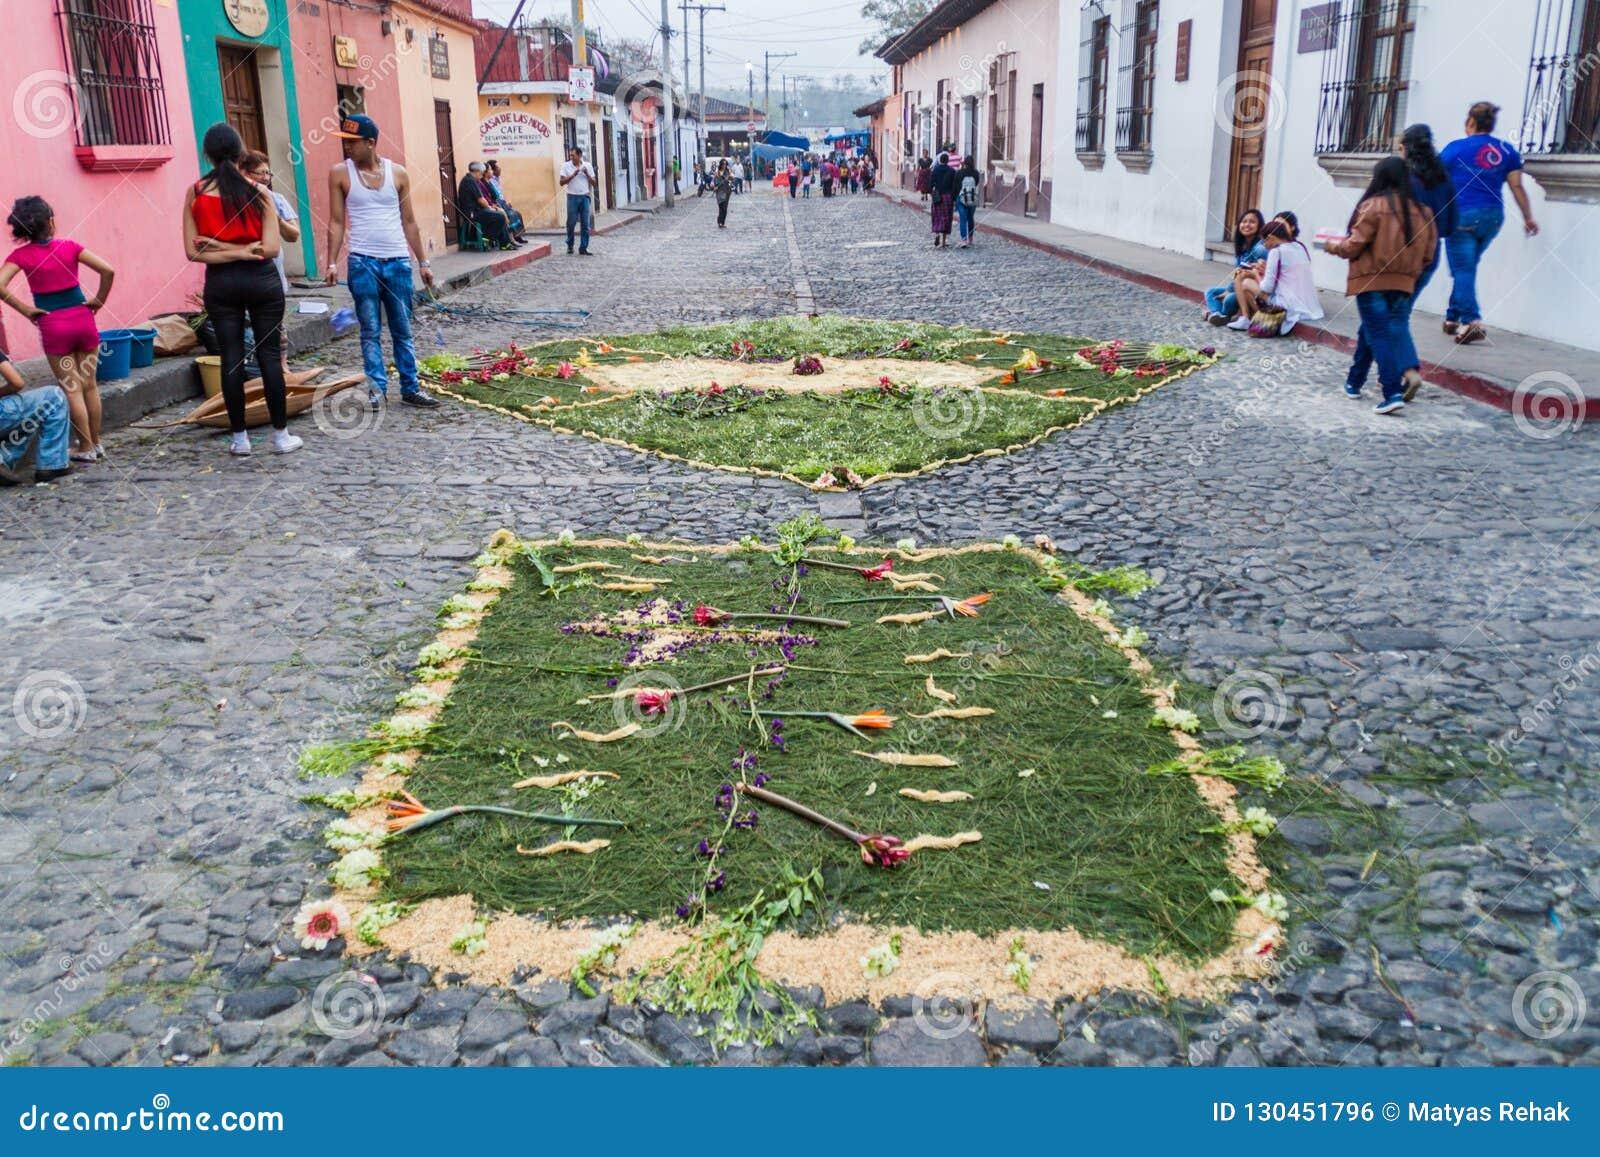 L ANTIGUA, GUATEMALA - 26 MARS 2016 : Les gens marchent le long des tapis décoratifs de Pâques dans la ville de l Antigua Guatema